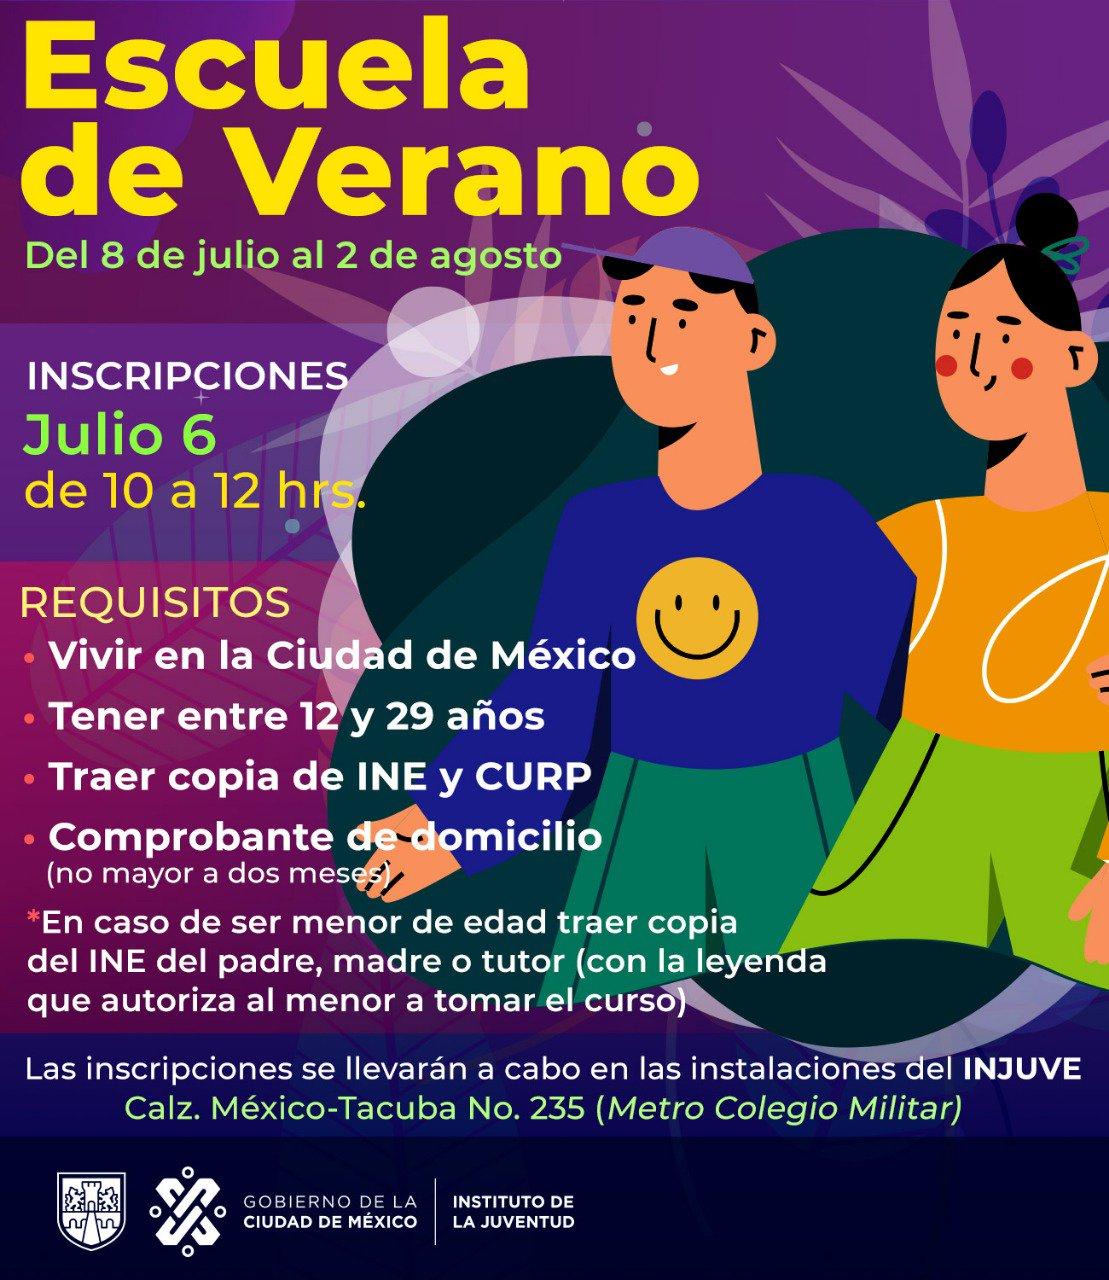 INJUVE CDMX: Escuela de Verano Gratuita